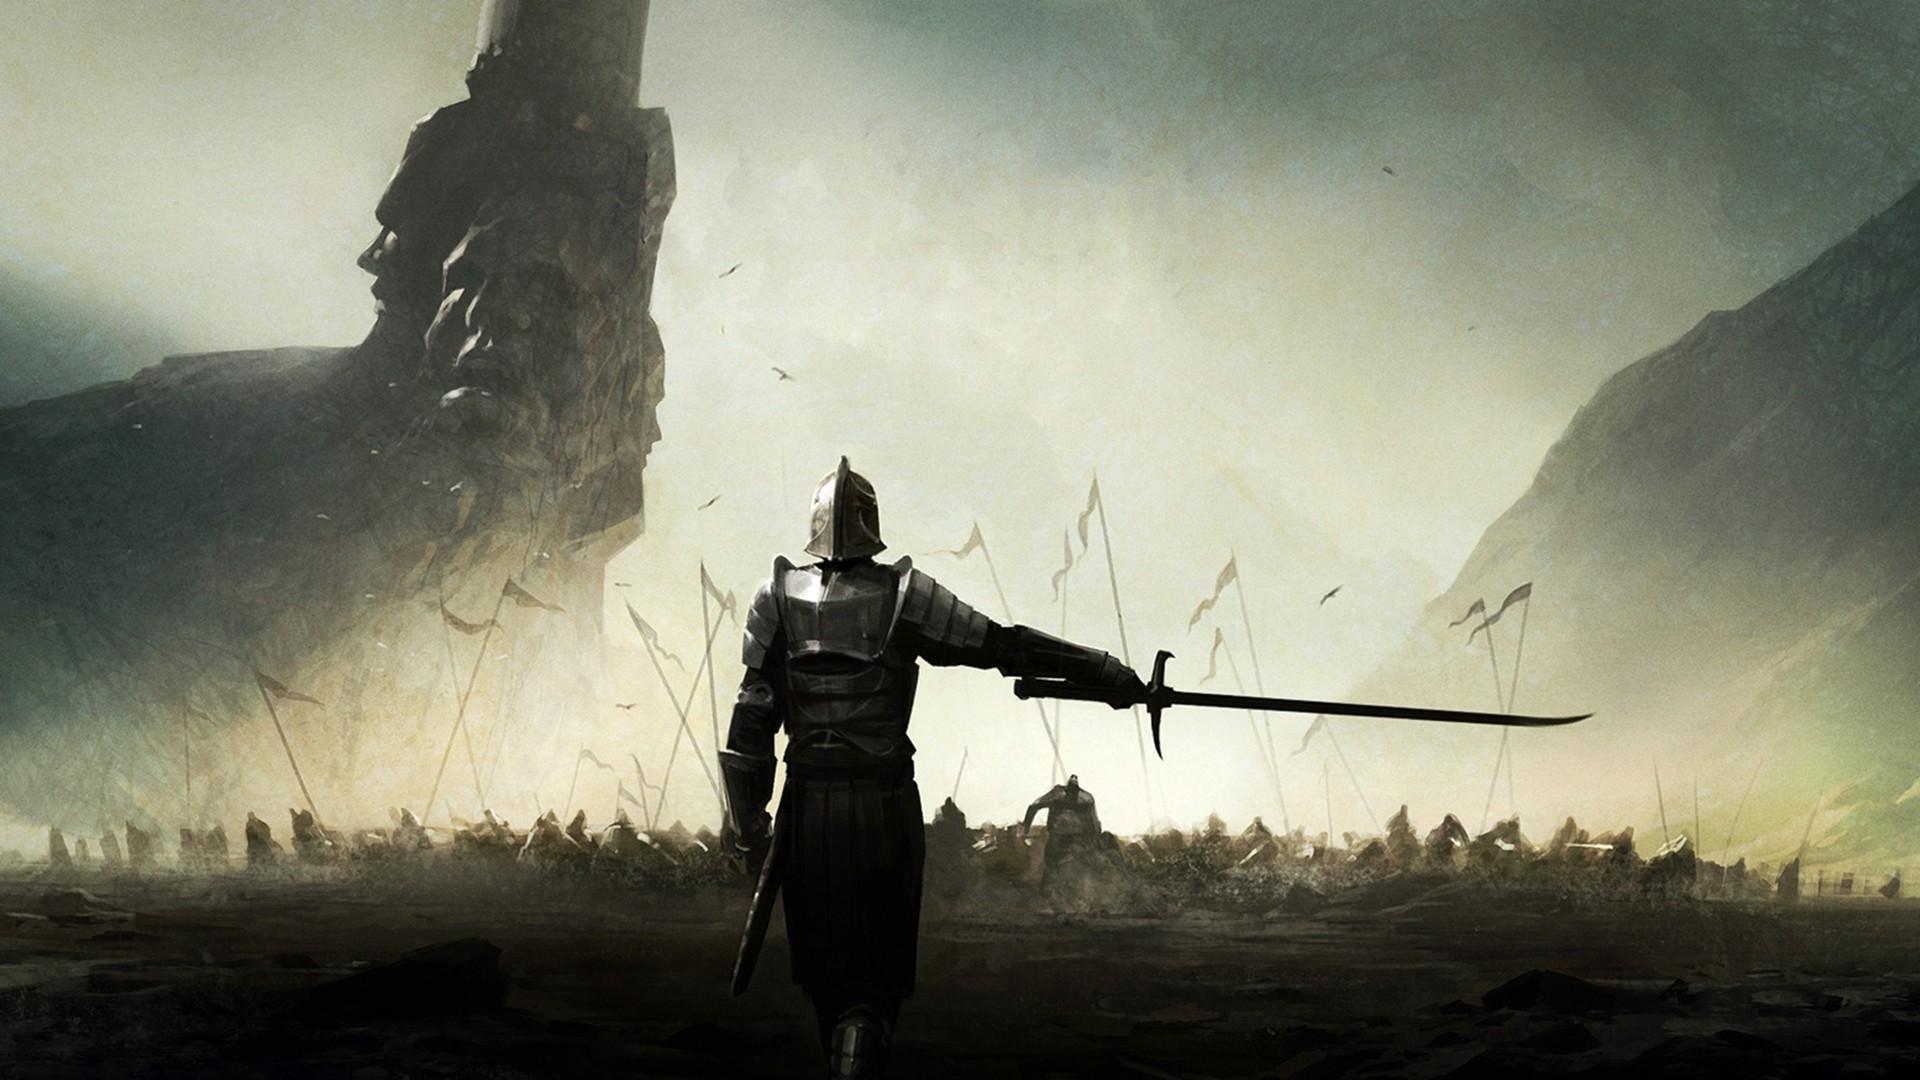 Medieval Mortal Online Sword Knight wallpaper | | 97165 .